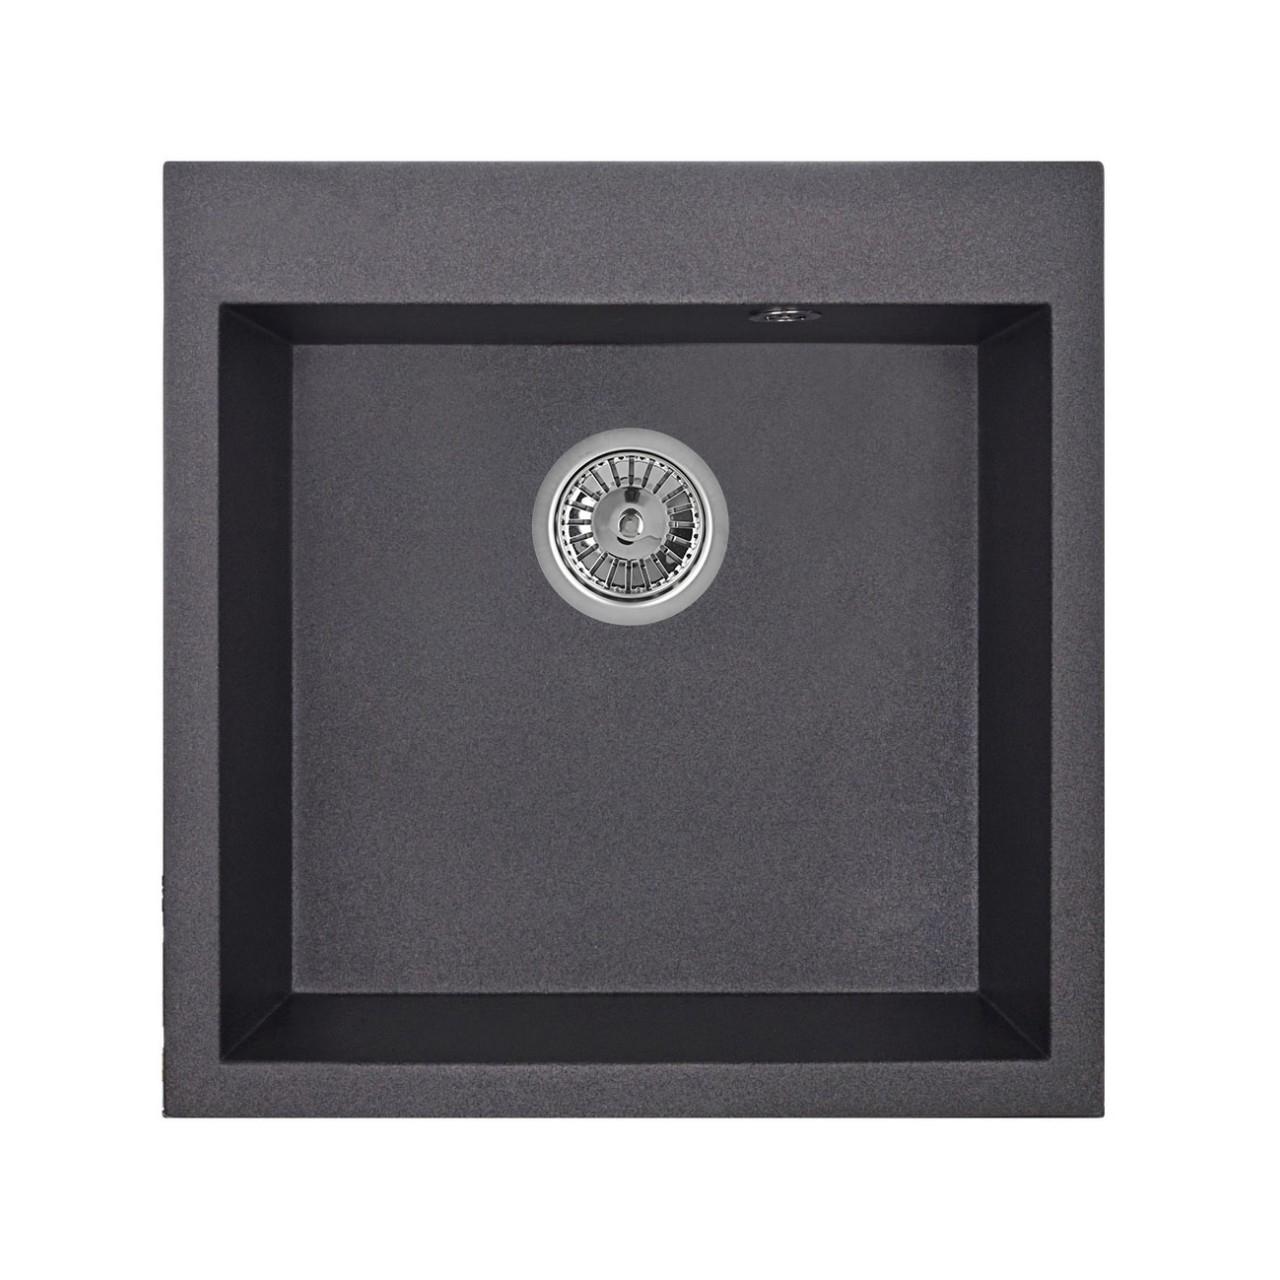 Кухонная мойка Granula GR-5102 505х510 шварц смеситель для мойки granula 1124 шварц